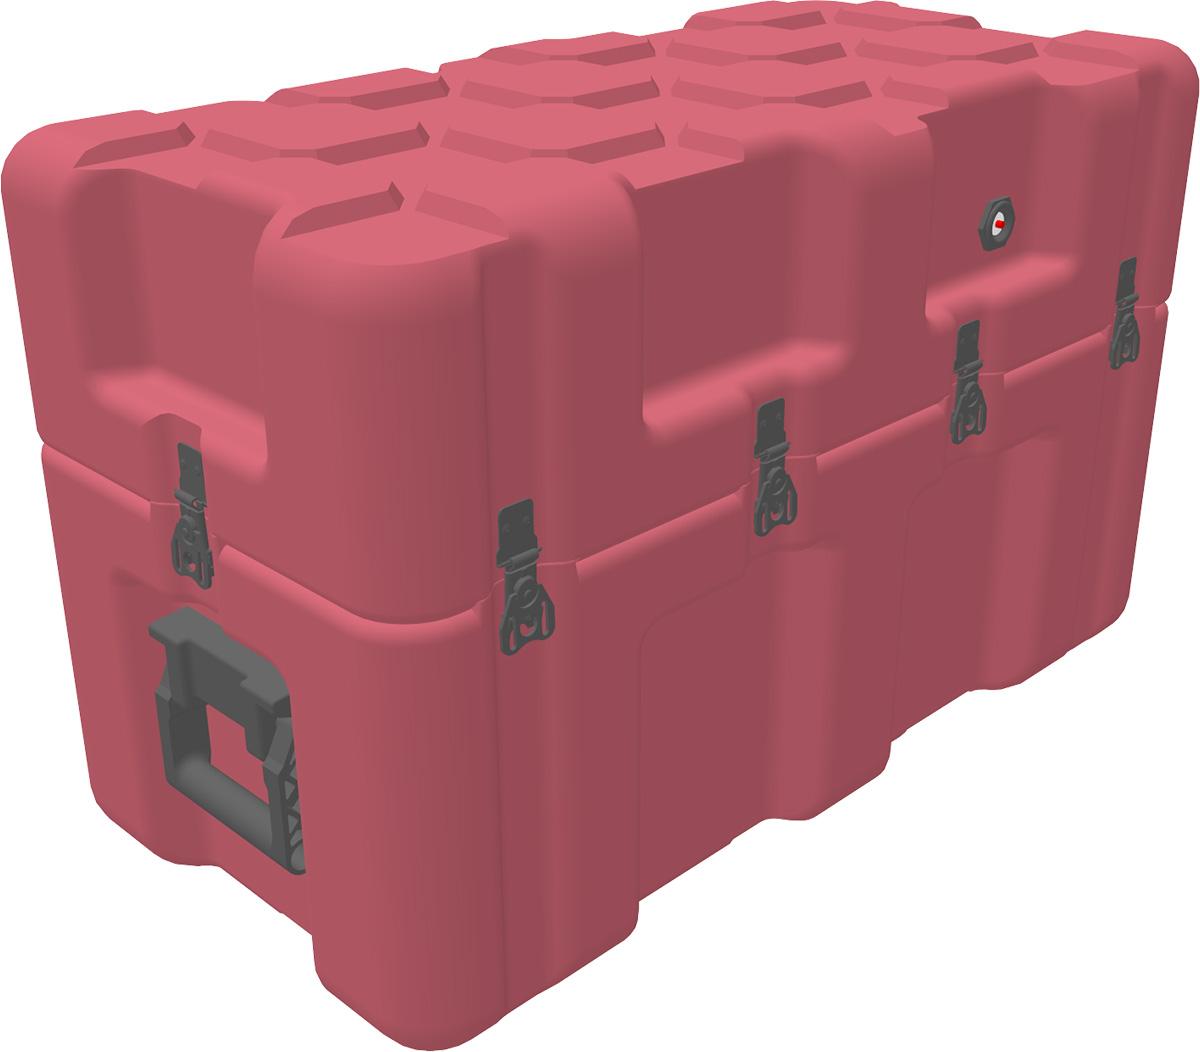 peli eu080040 3020 isp2 shipping case